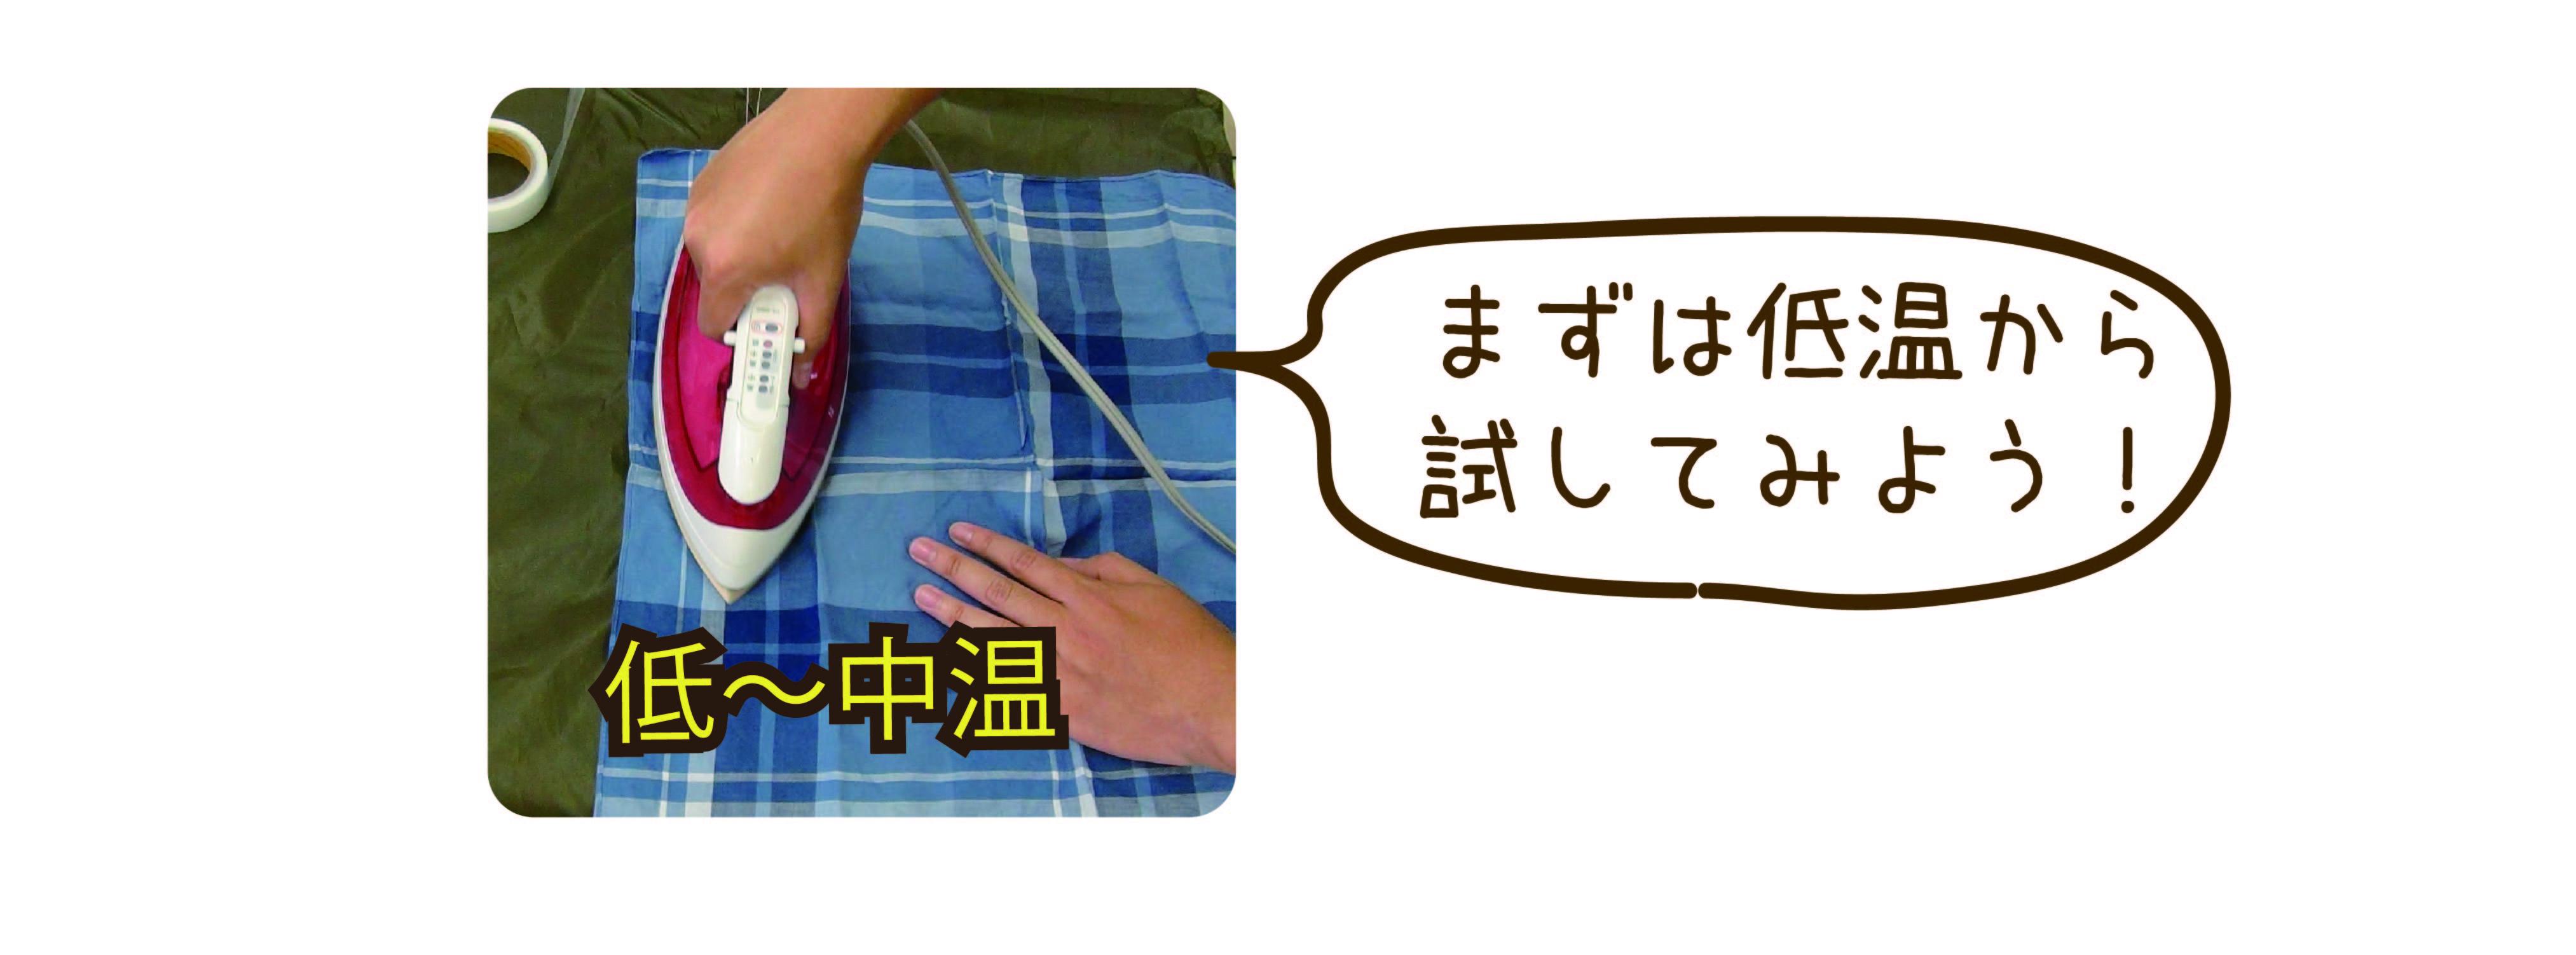 #001テントのメンテナンスーシームテープを使った補修方法-05